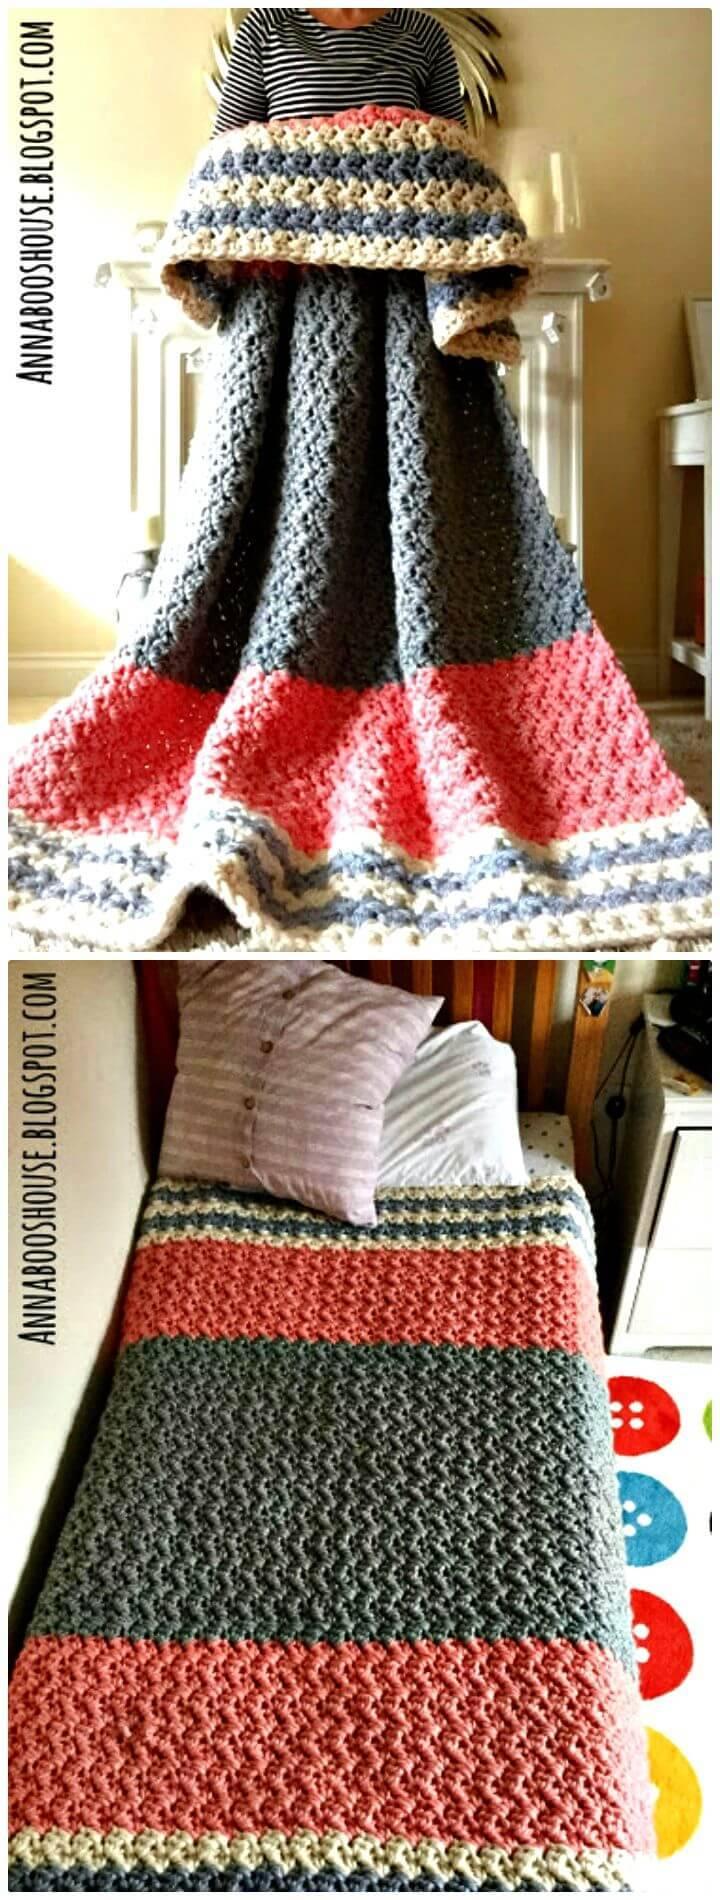 Häkeln Sie kostenlos das Enormous Squishy Blanket Pattern